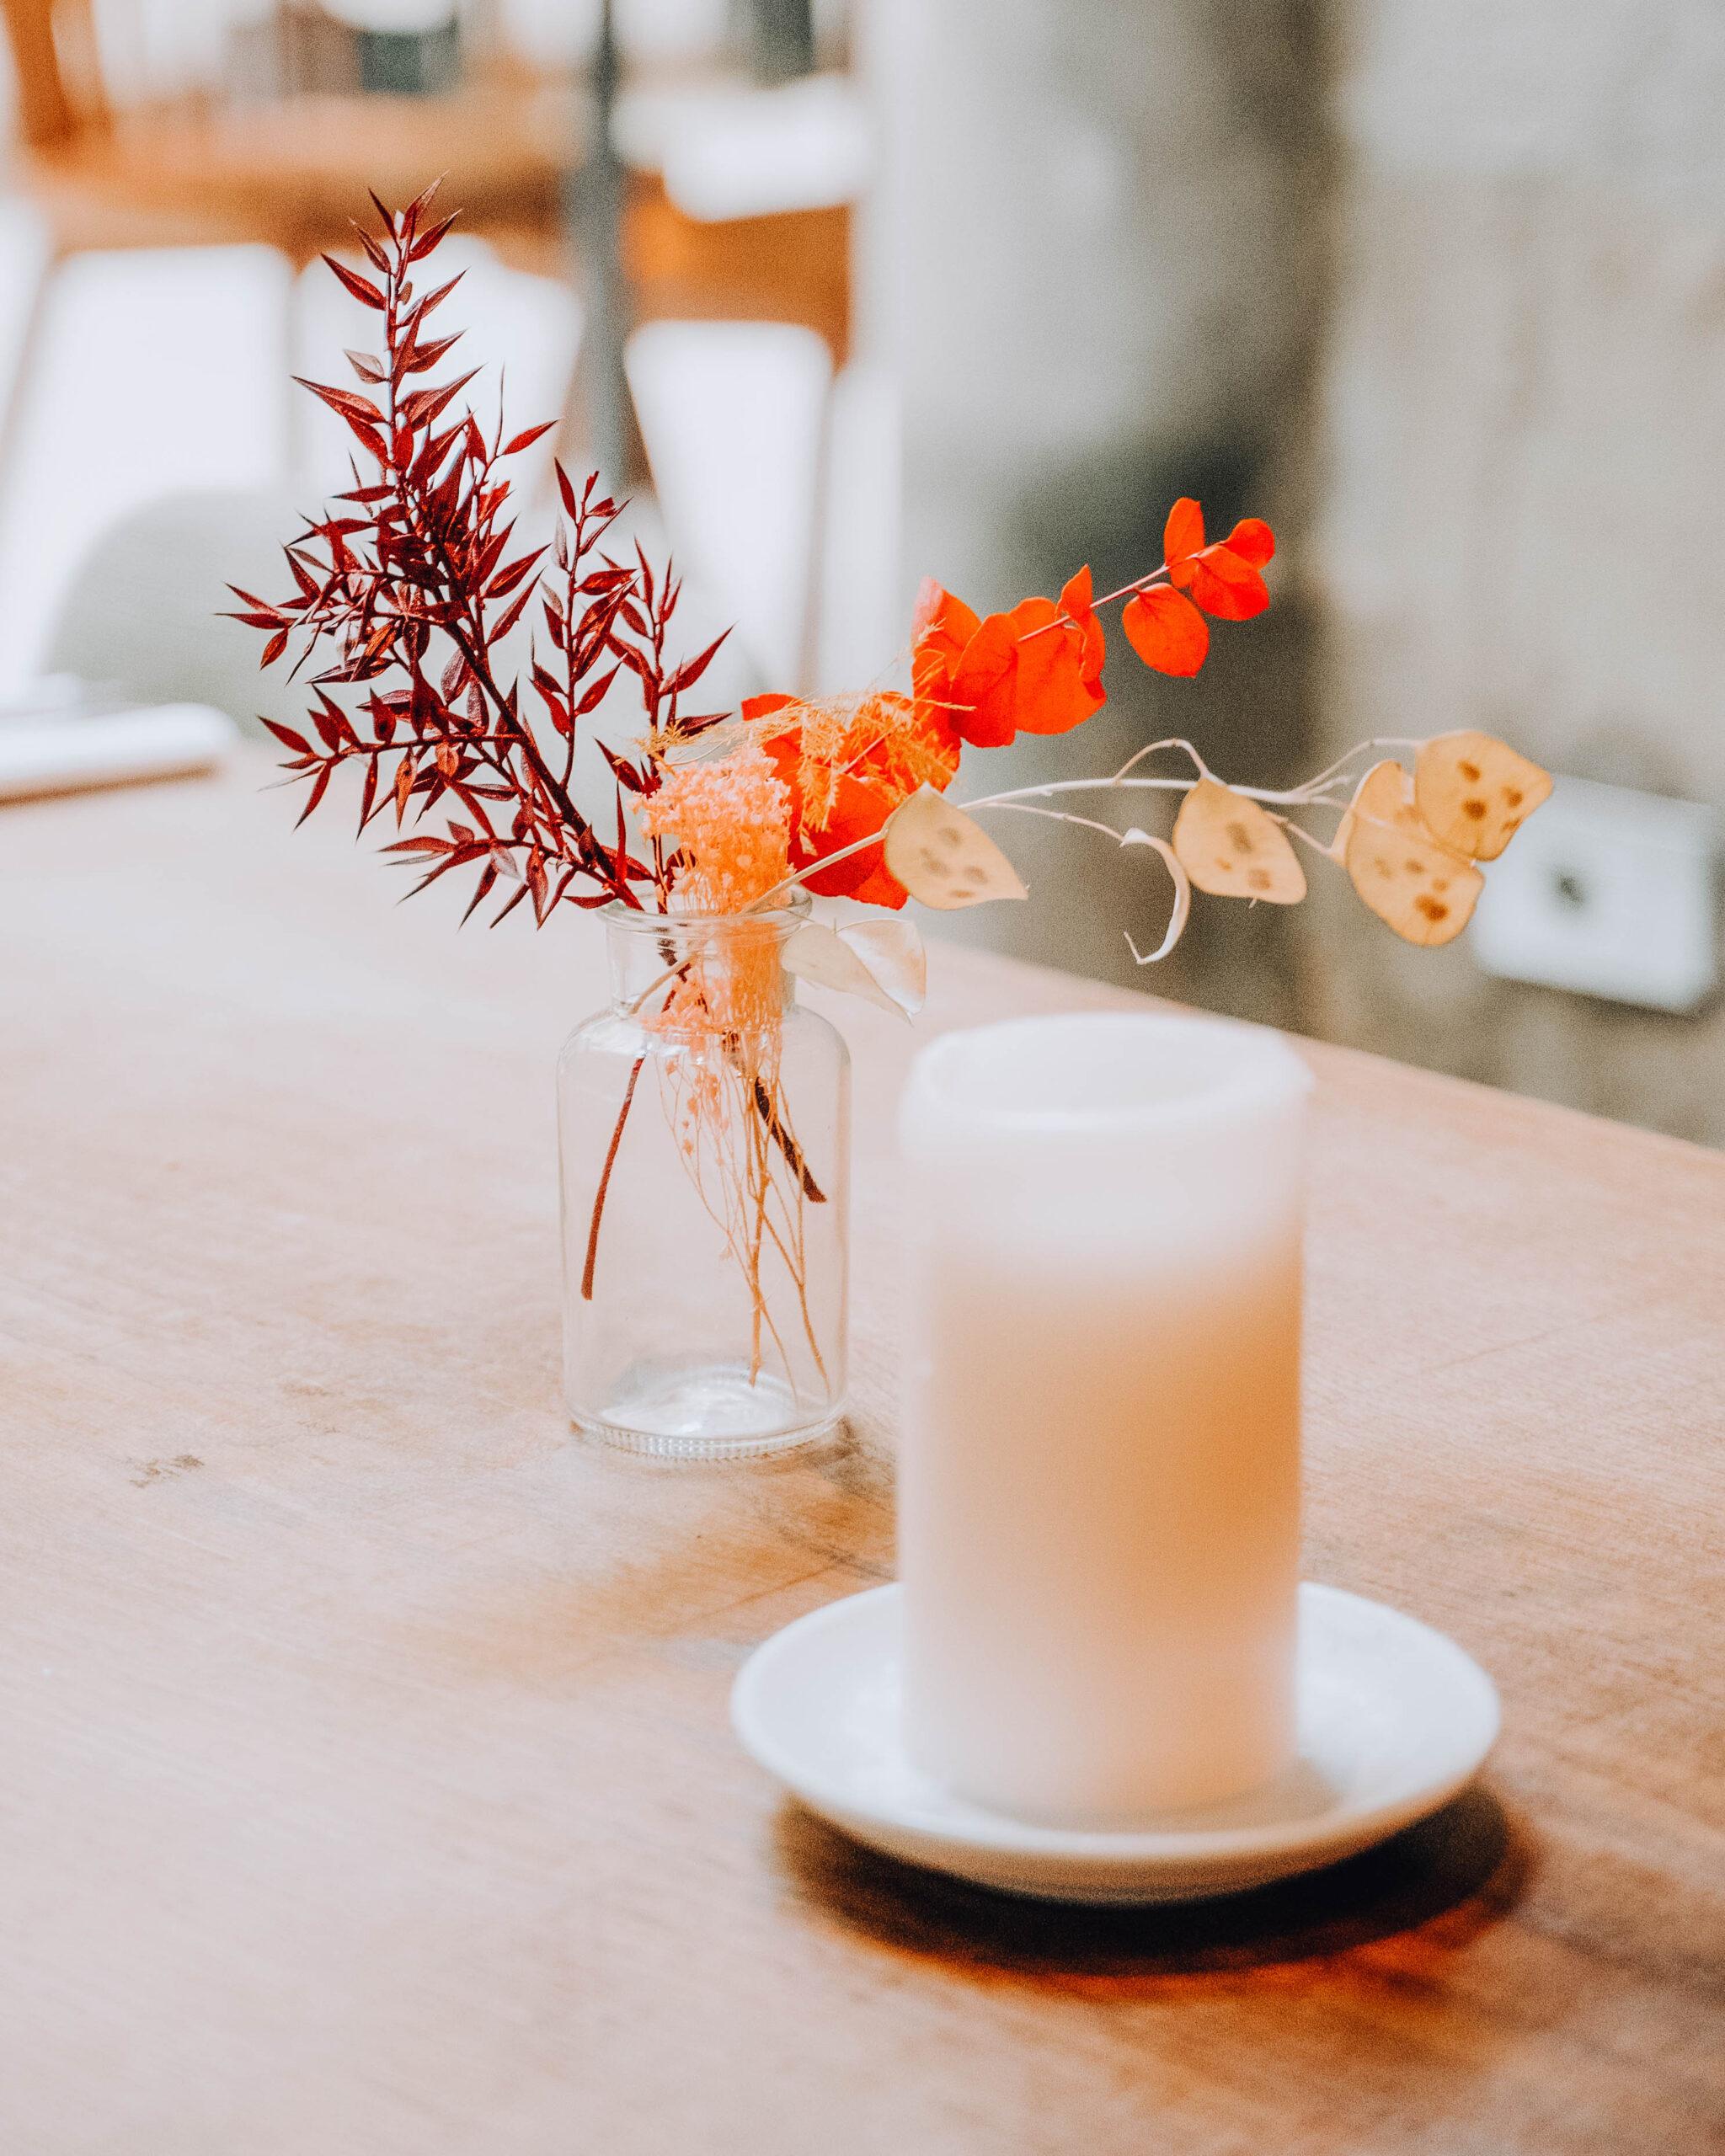 candela bianca e vasetto trasparente con fiori secchi